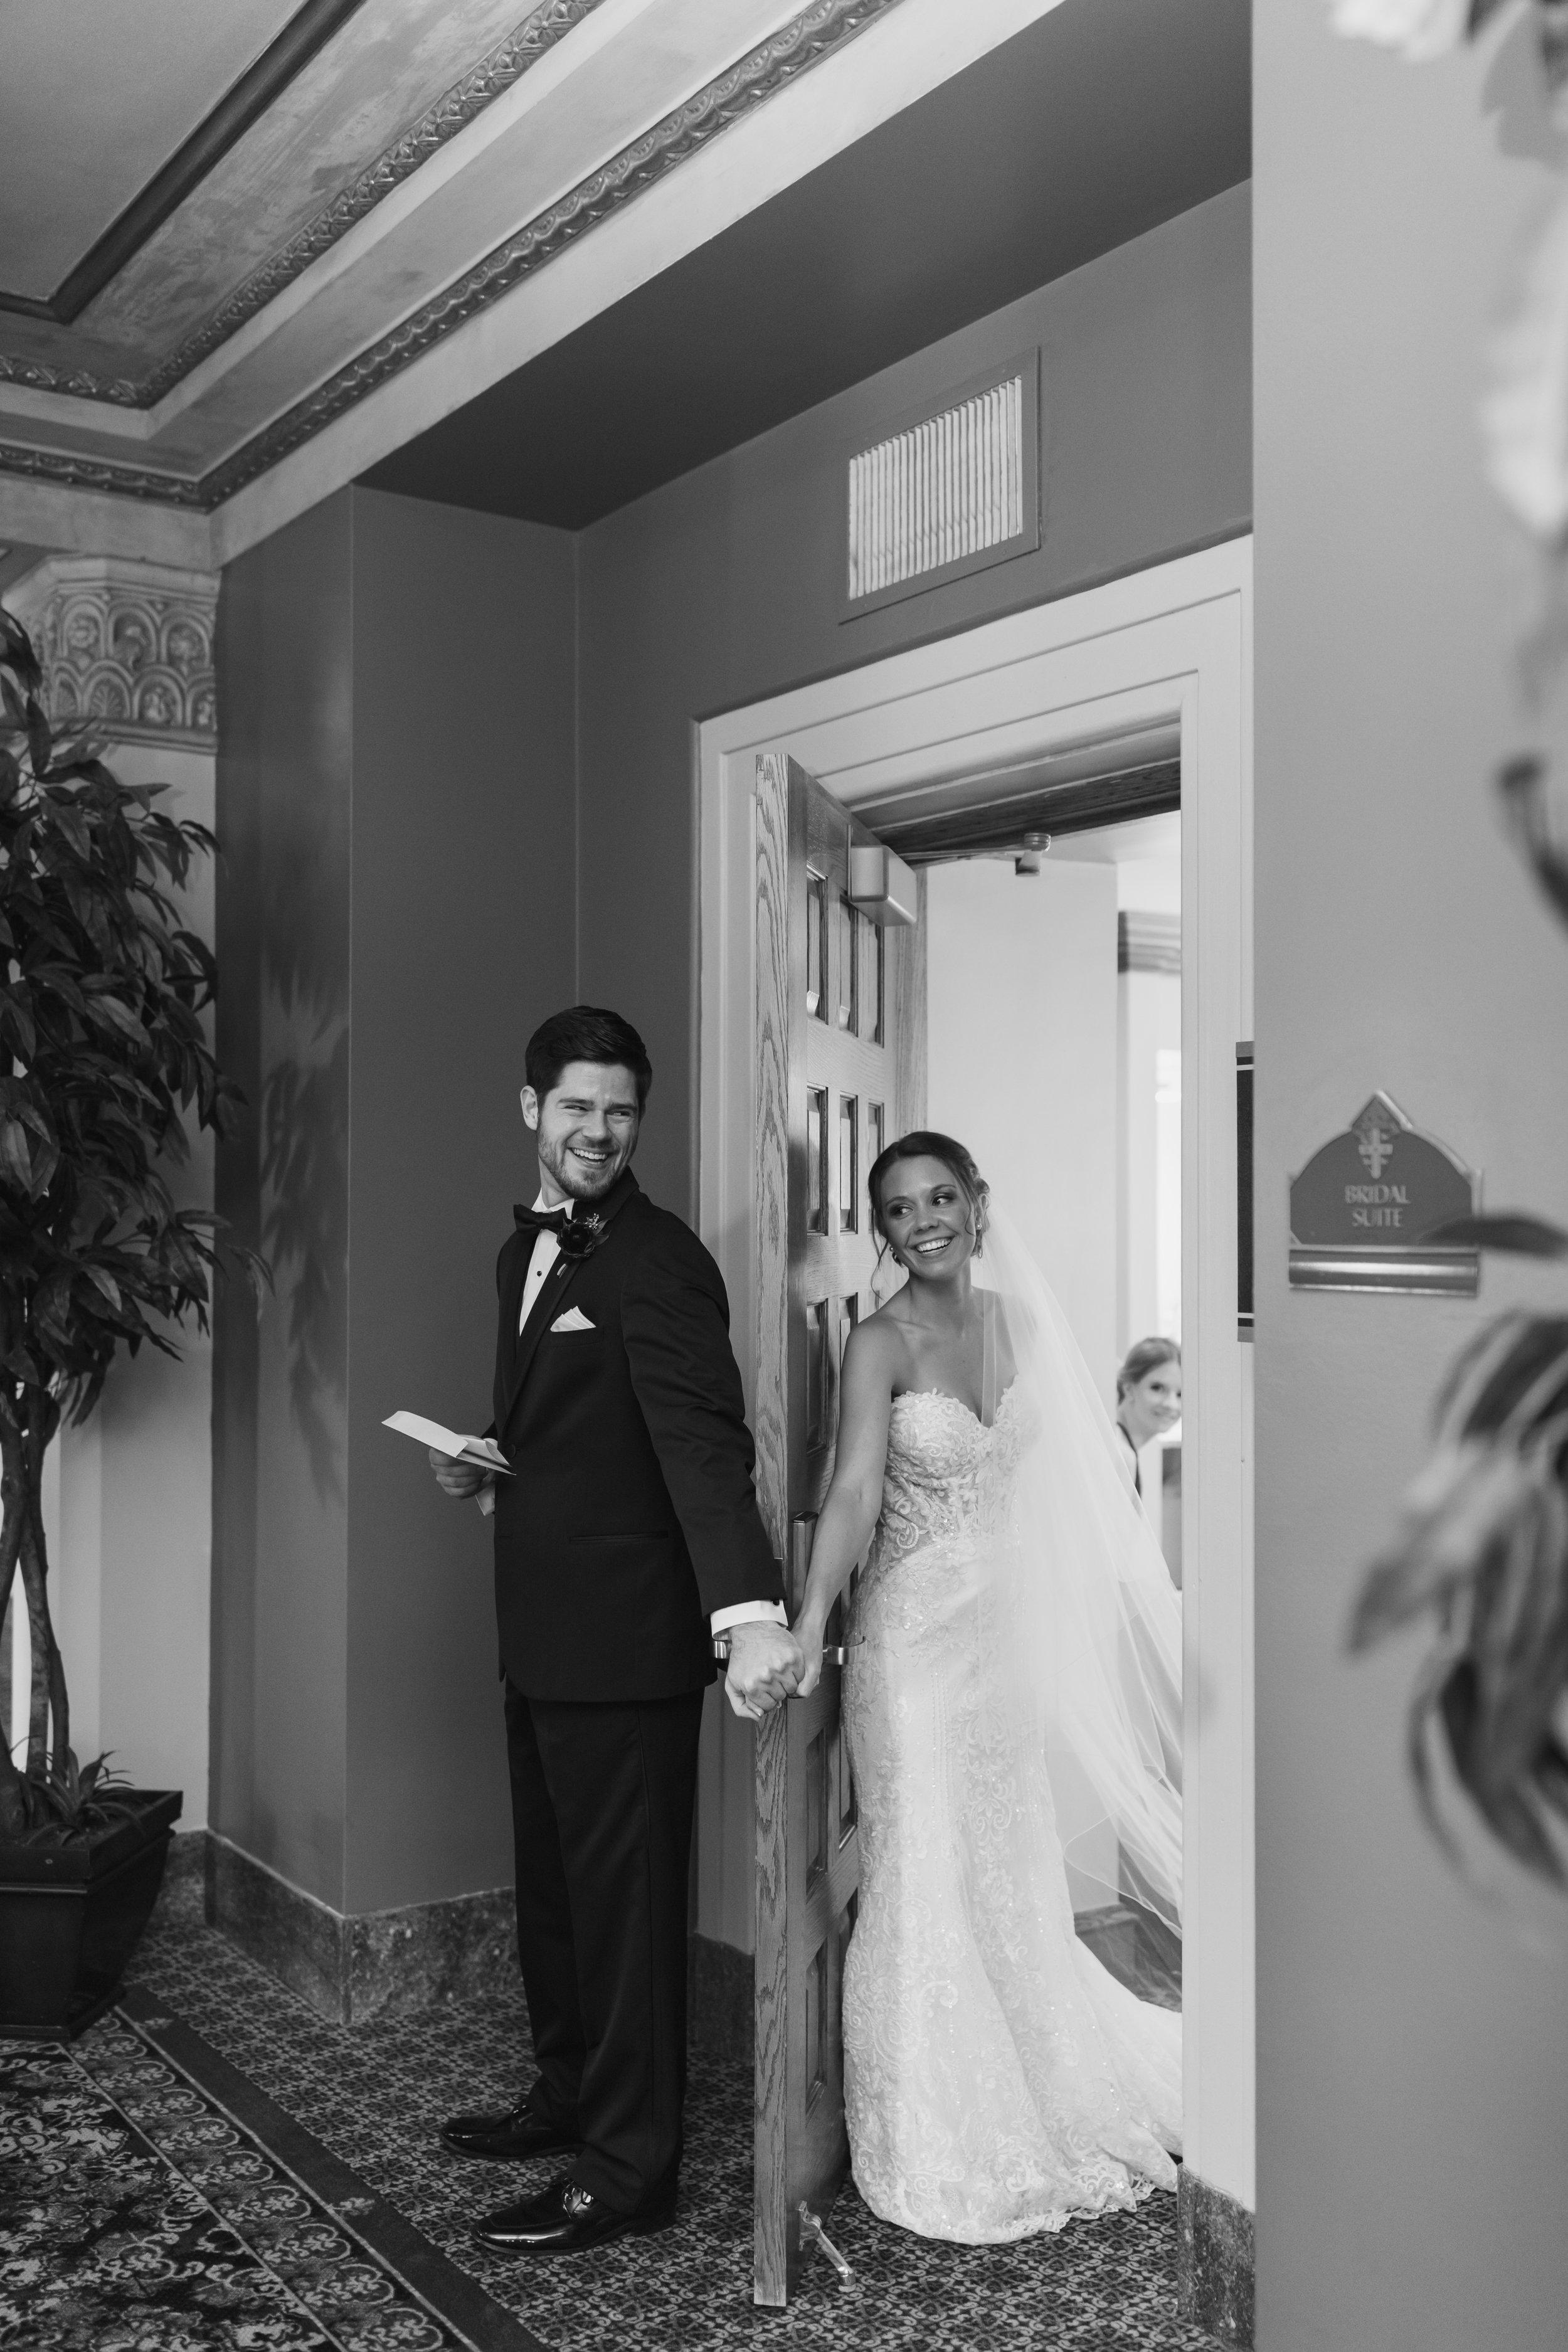 shareyah_John_detroit_wedding_preview_015.JPG